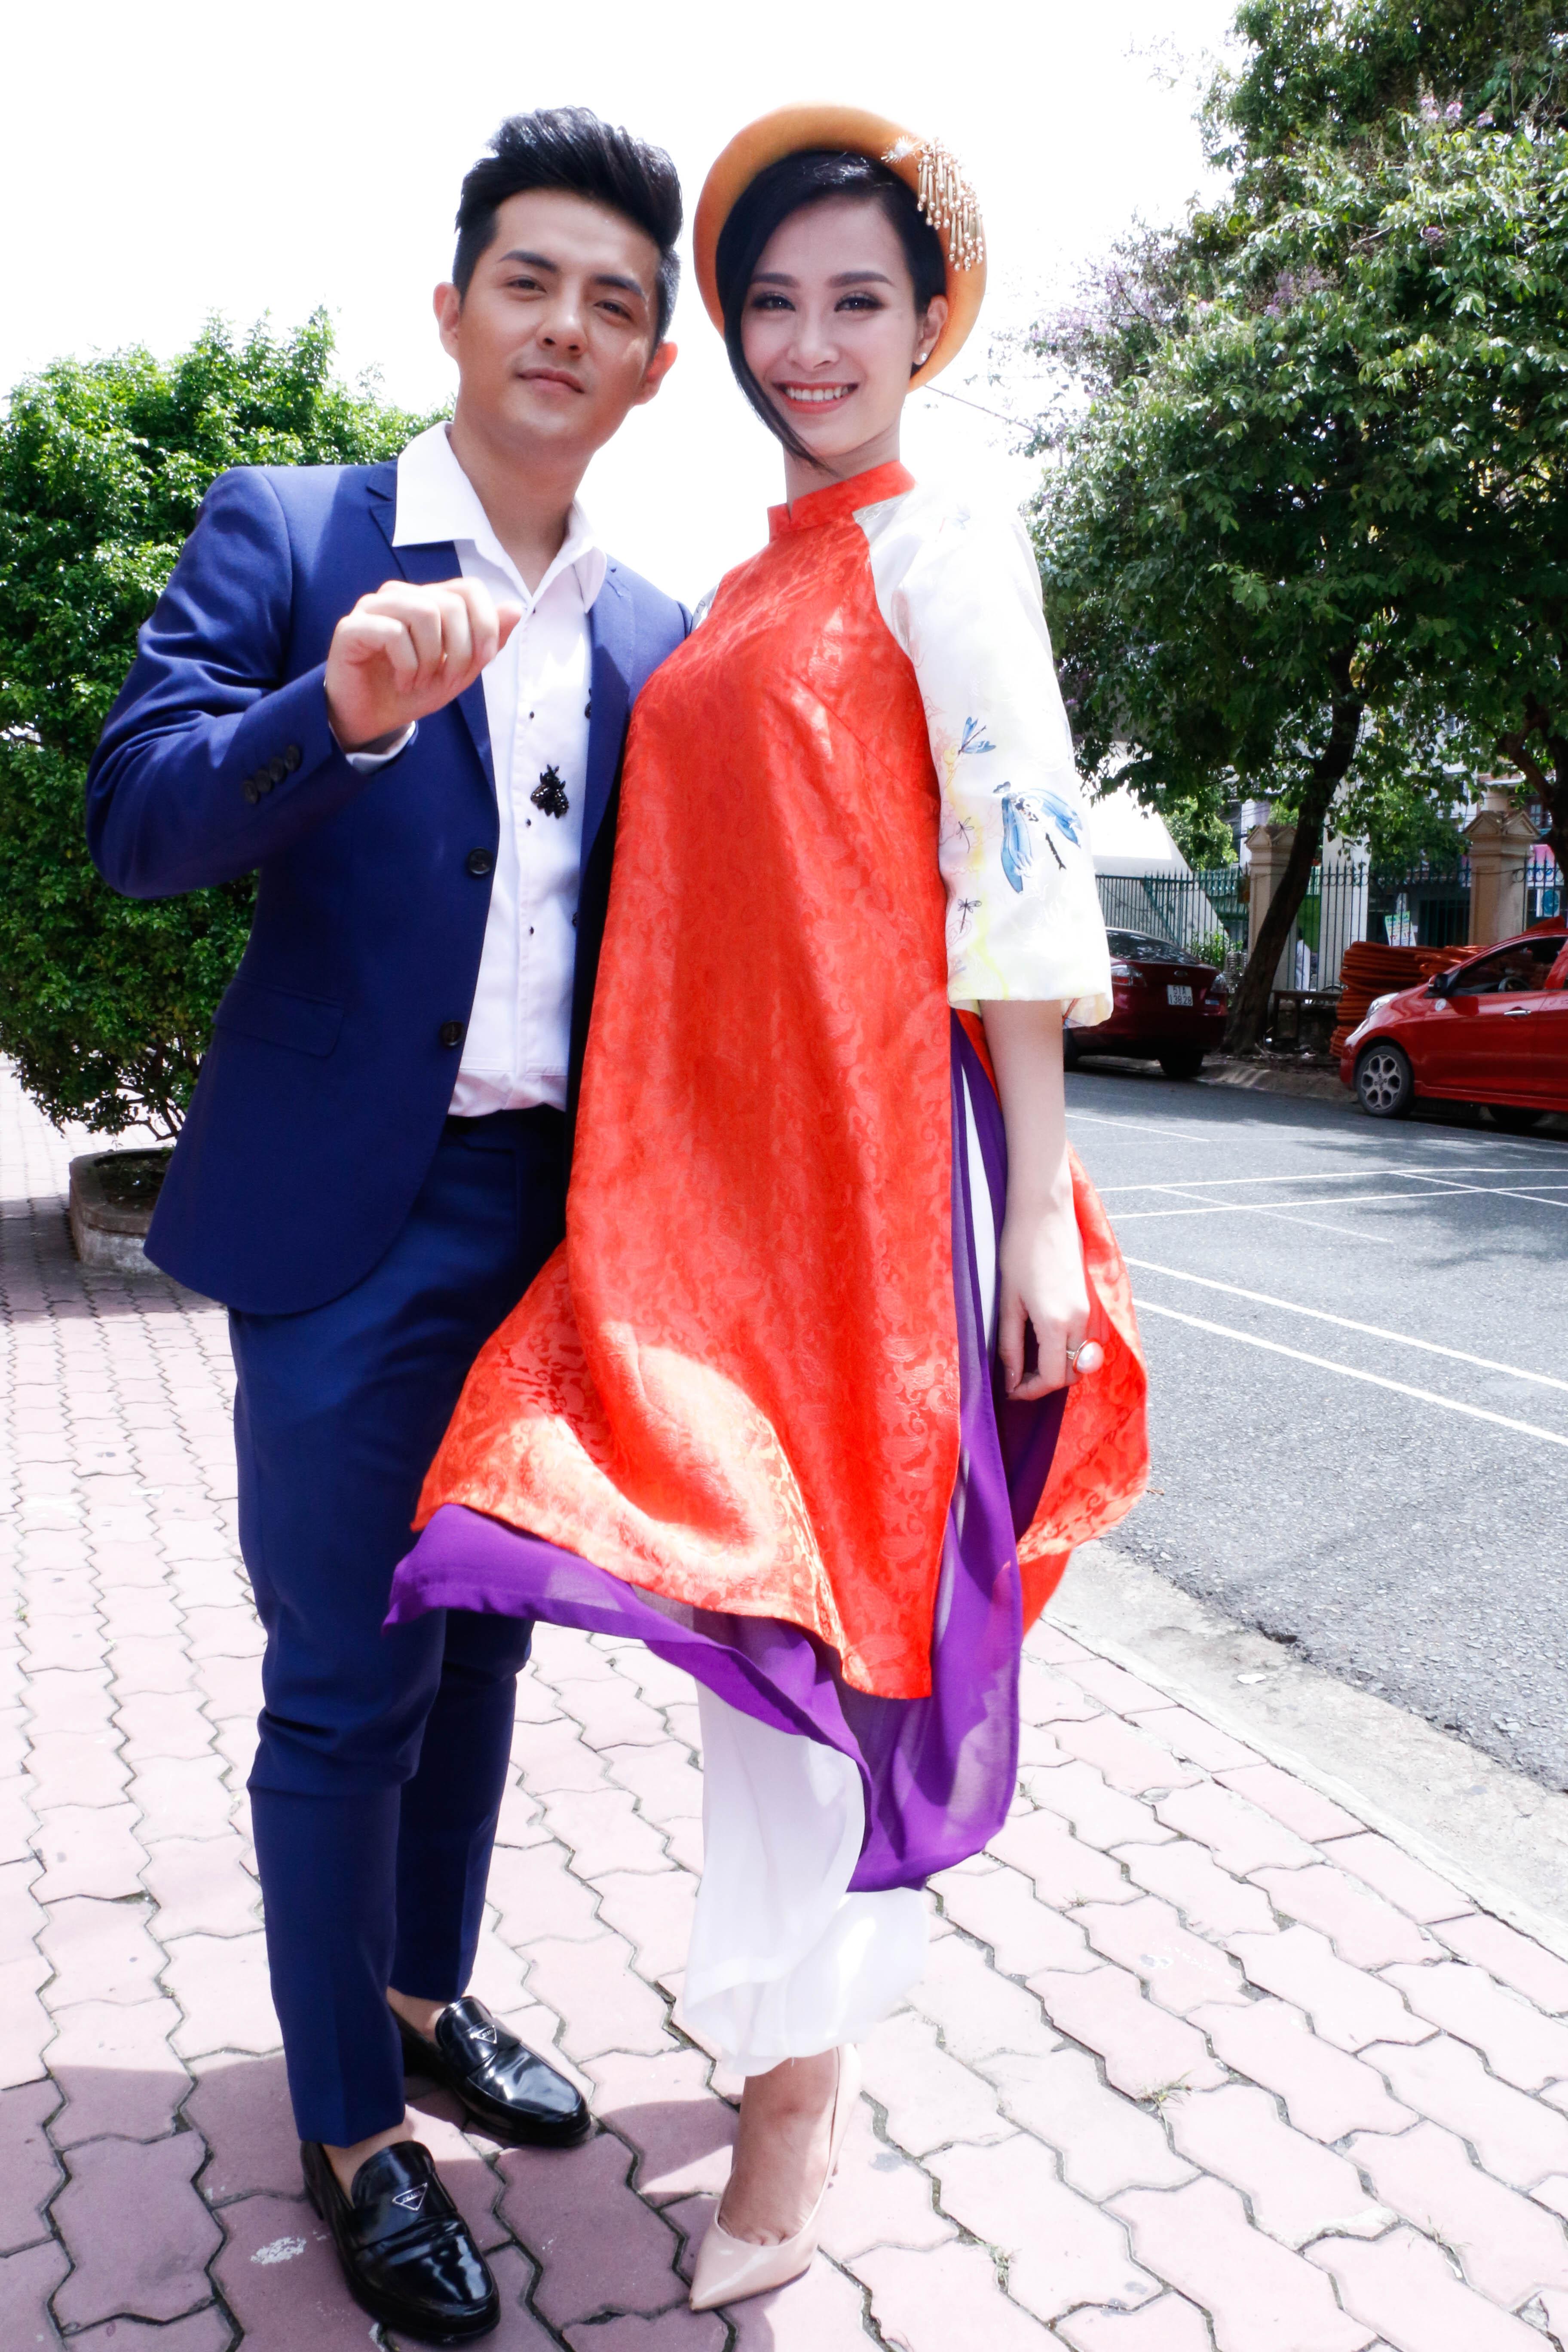 Là cặp đôi đến sau cùng, Đông Nhi và Ông Cao Thắng gây chú ý với hình ảnh độc đáo. Ông Cao Thắng mặc vest xanh nam tính trong khi đó Đông Nhi phá cách trong bộ áo dài tân thời, đầu đội mấn.